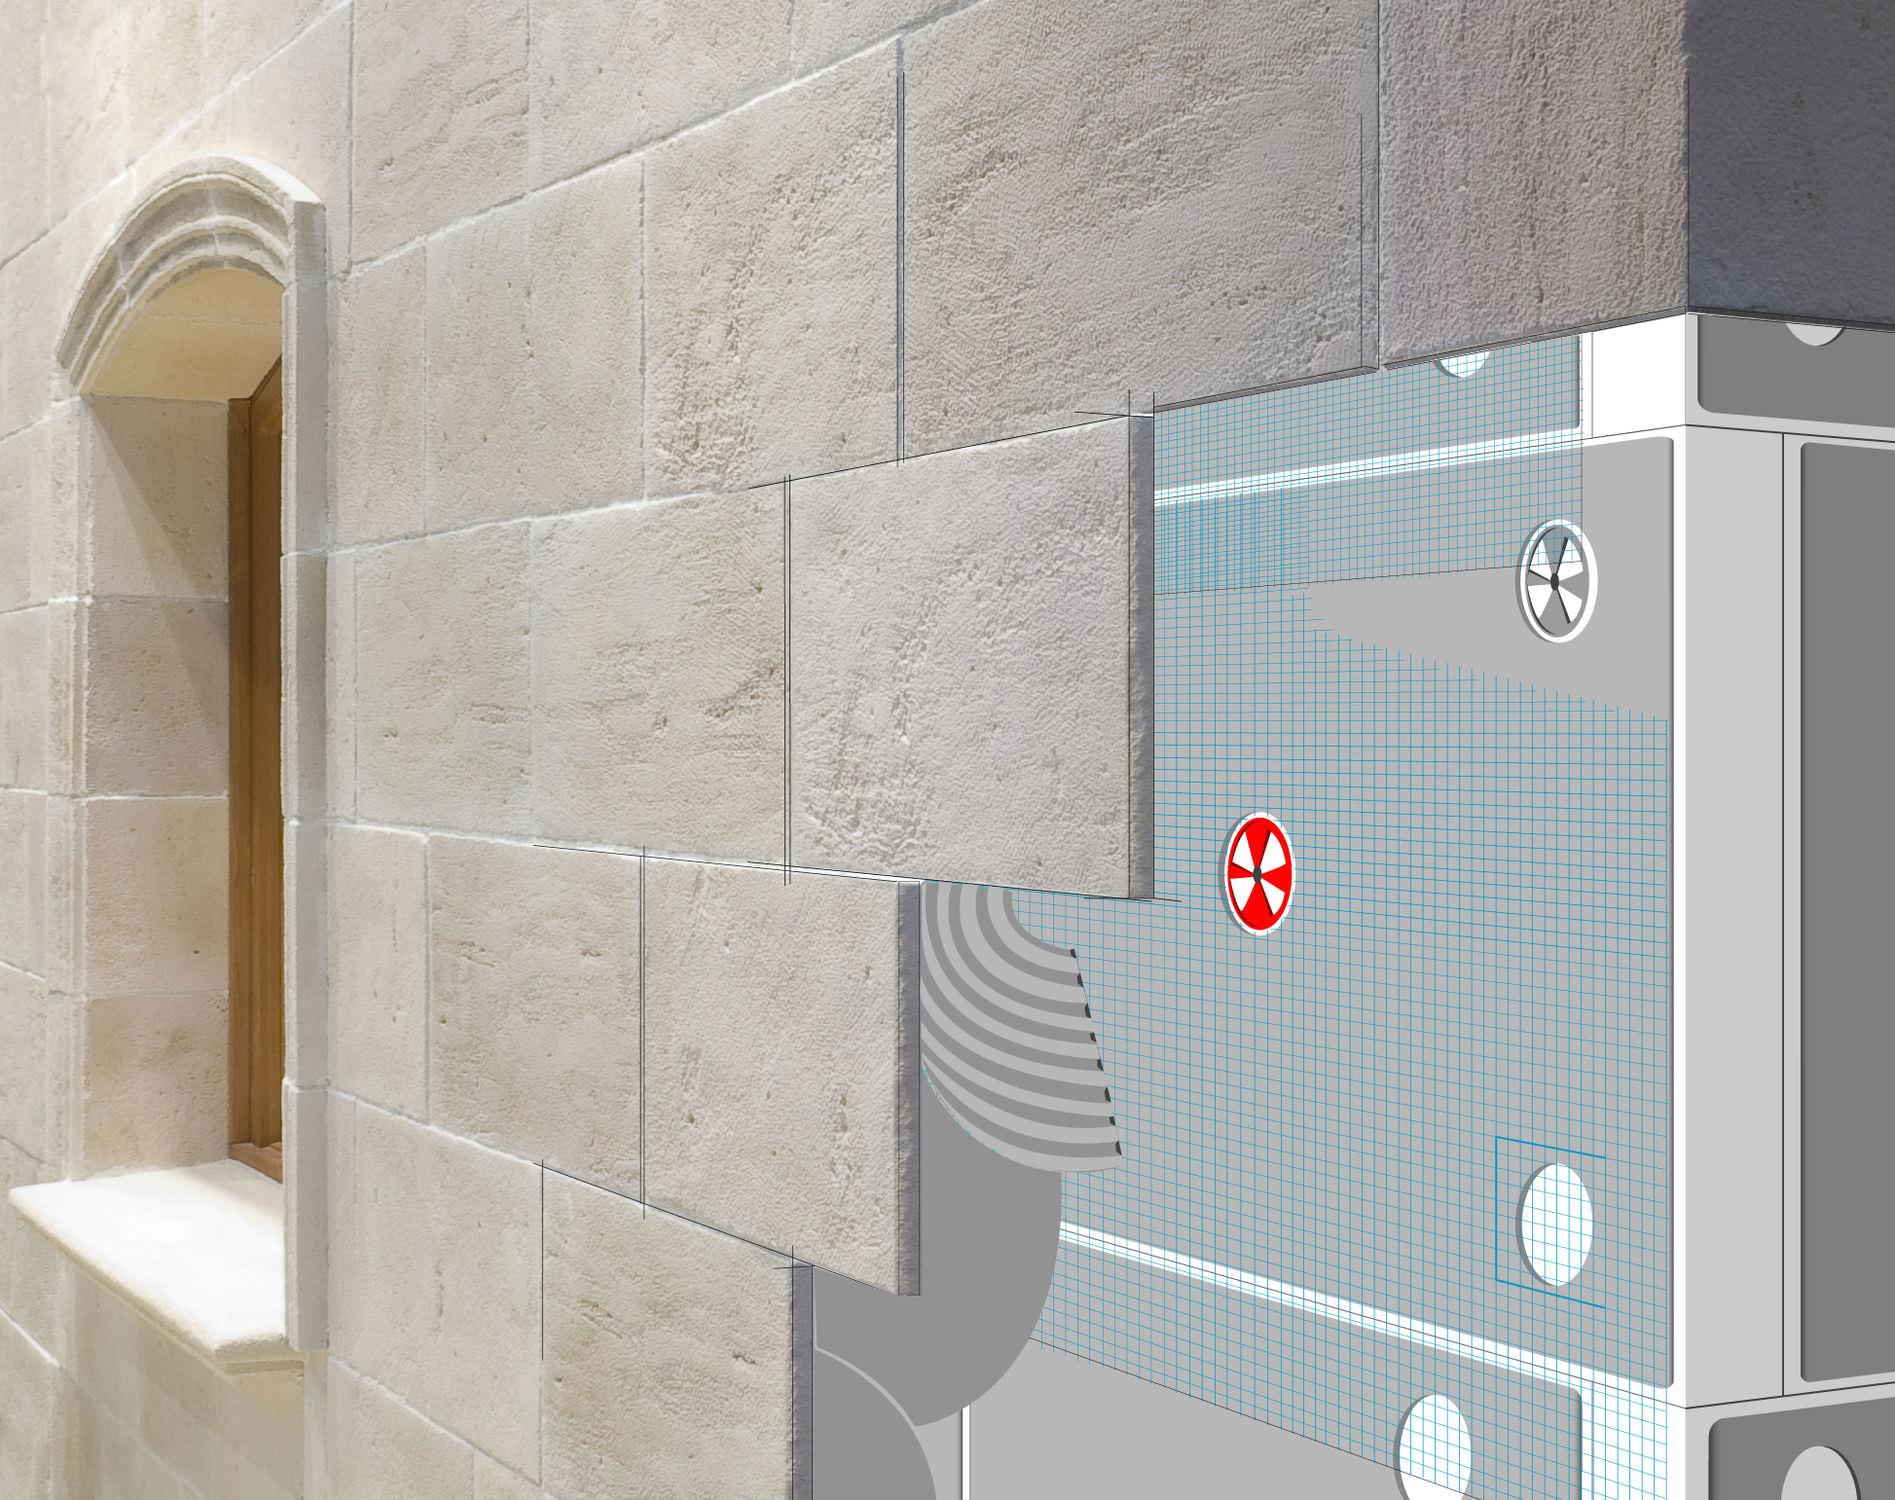 Isolante termico in polistirene espanso pse per soffitto per